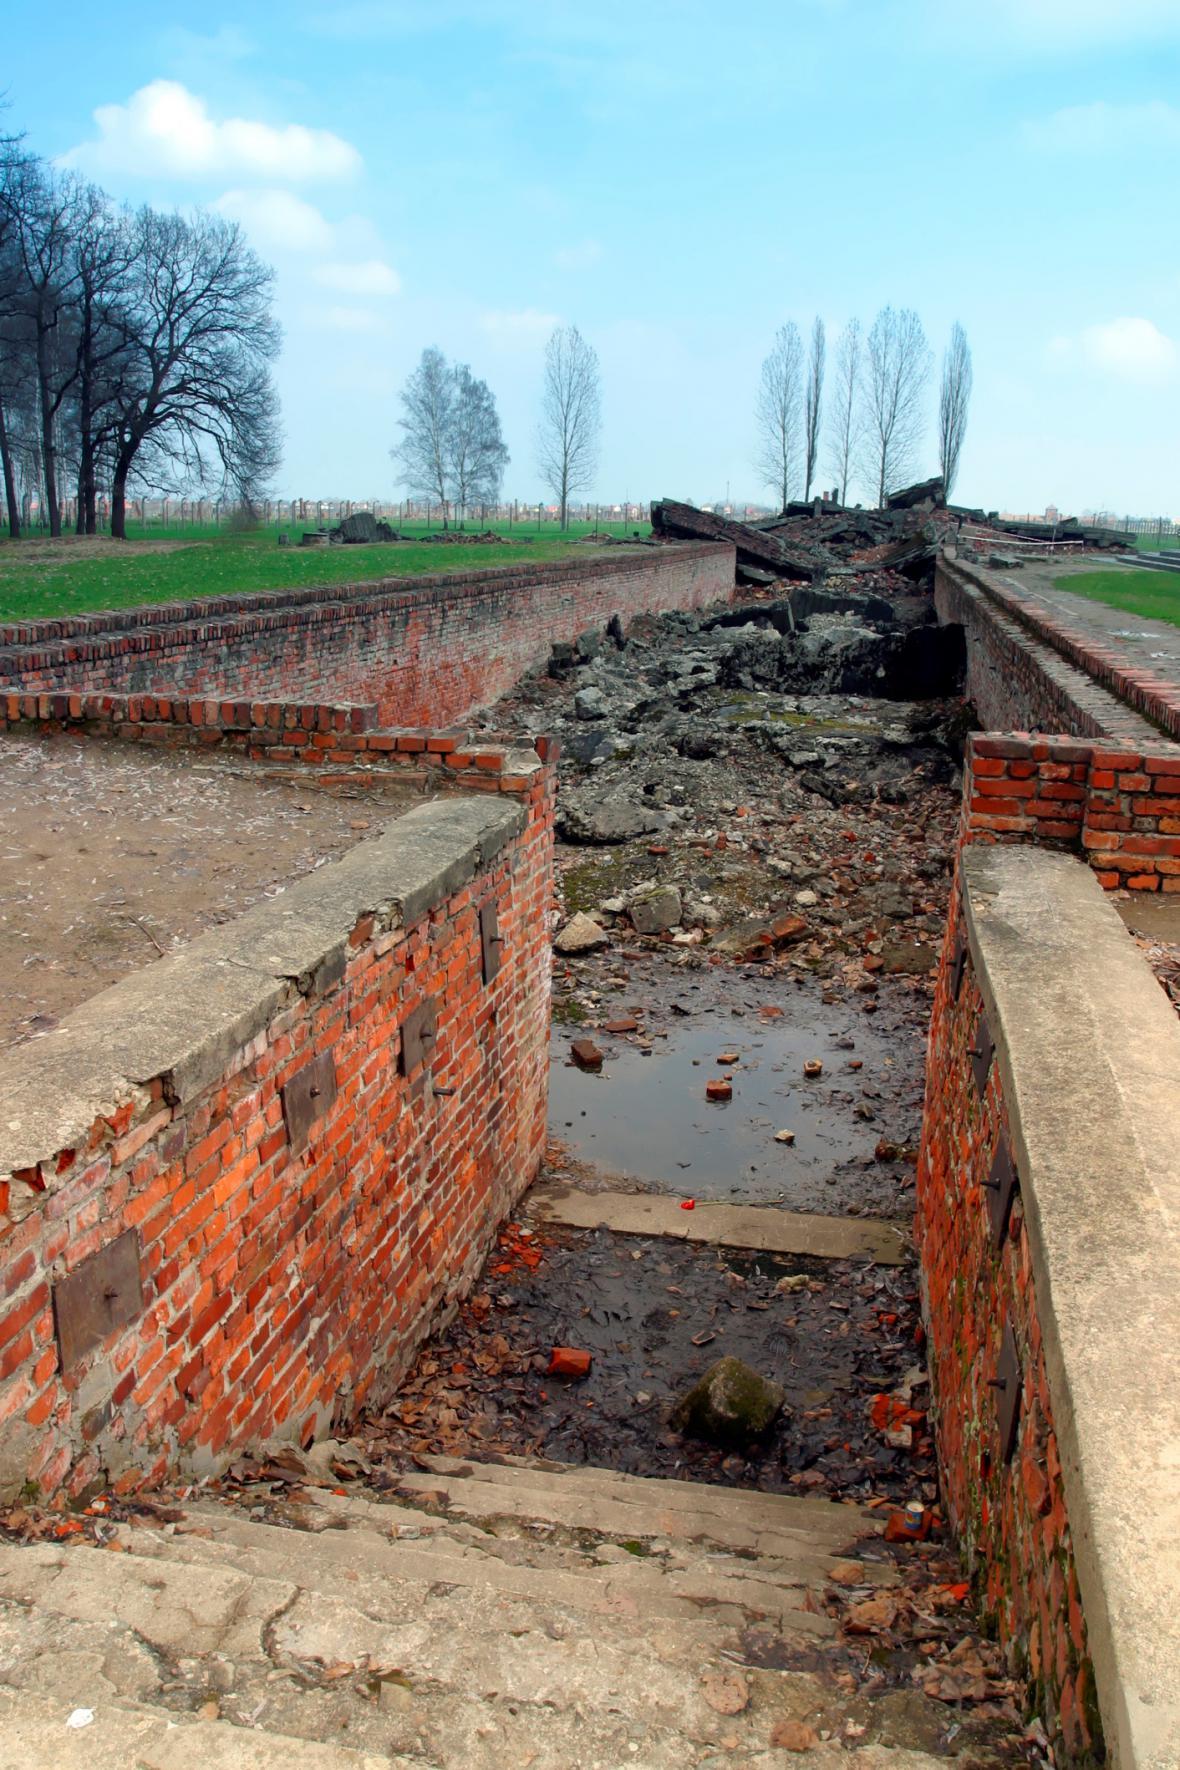 Torzo plynové komory ve vyhlazovacím táboře Auschwitz II. - Birkenau